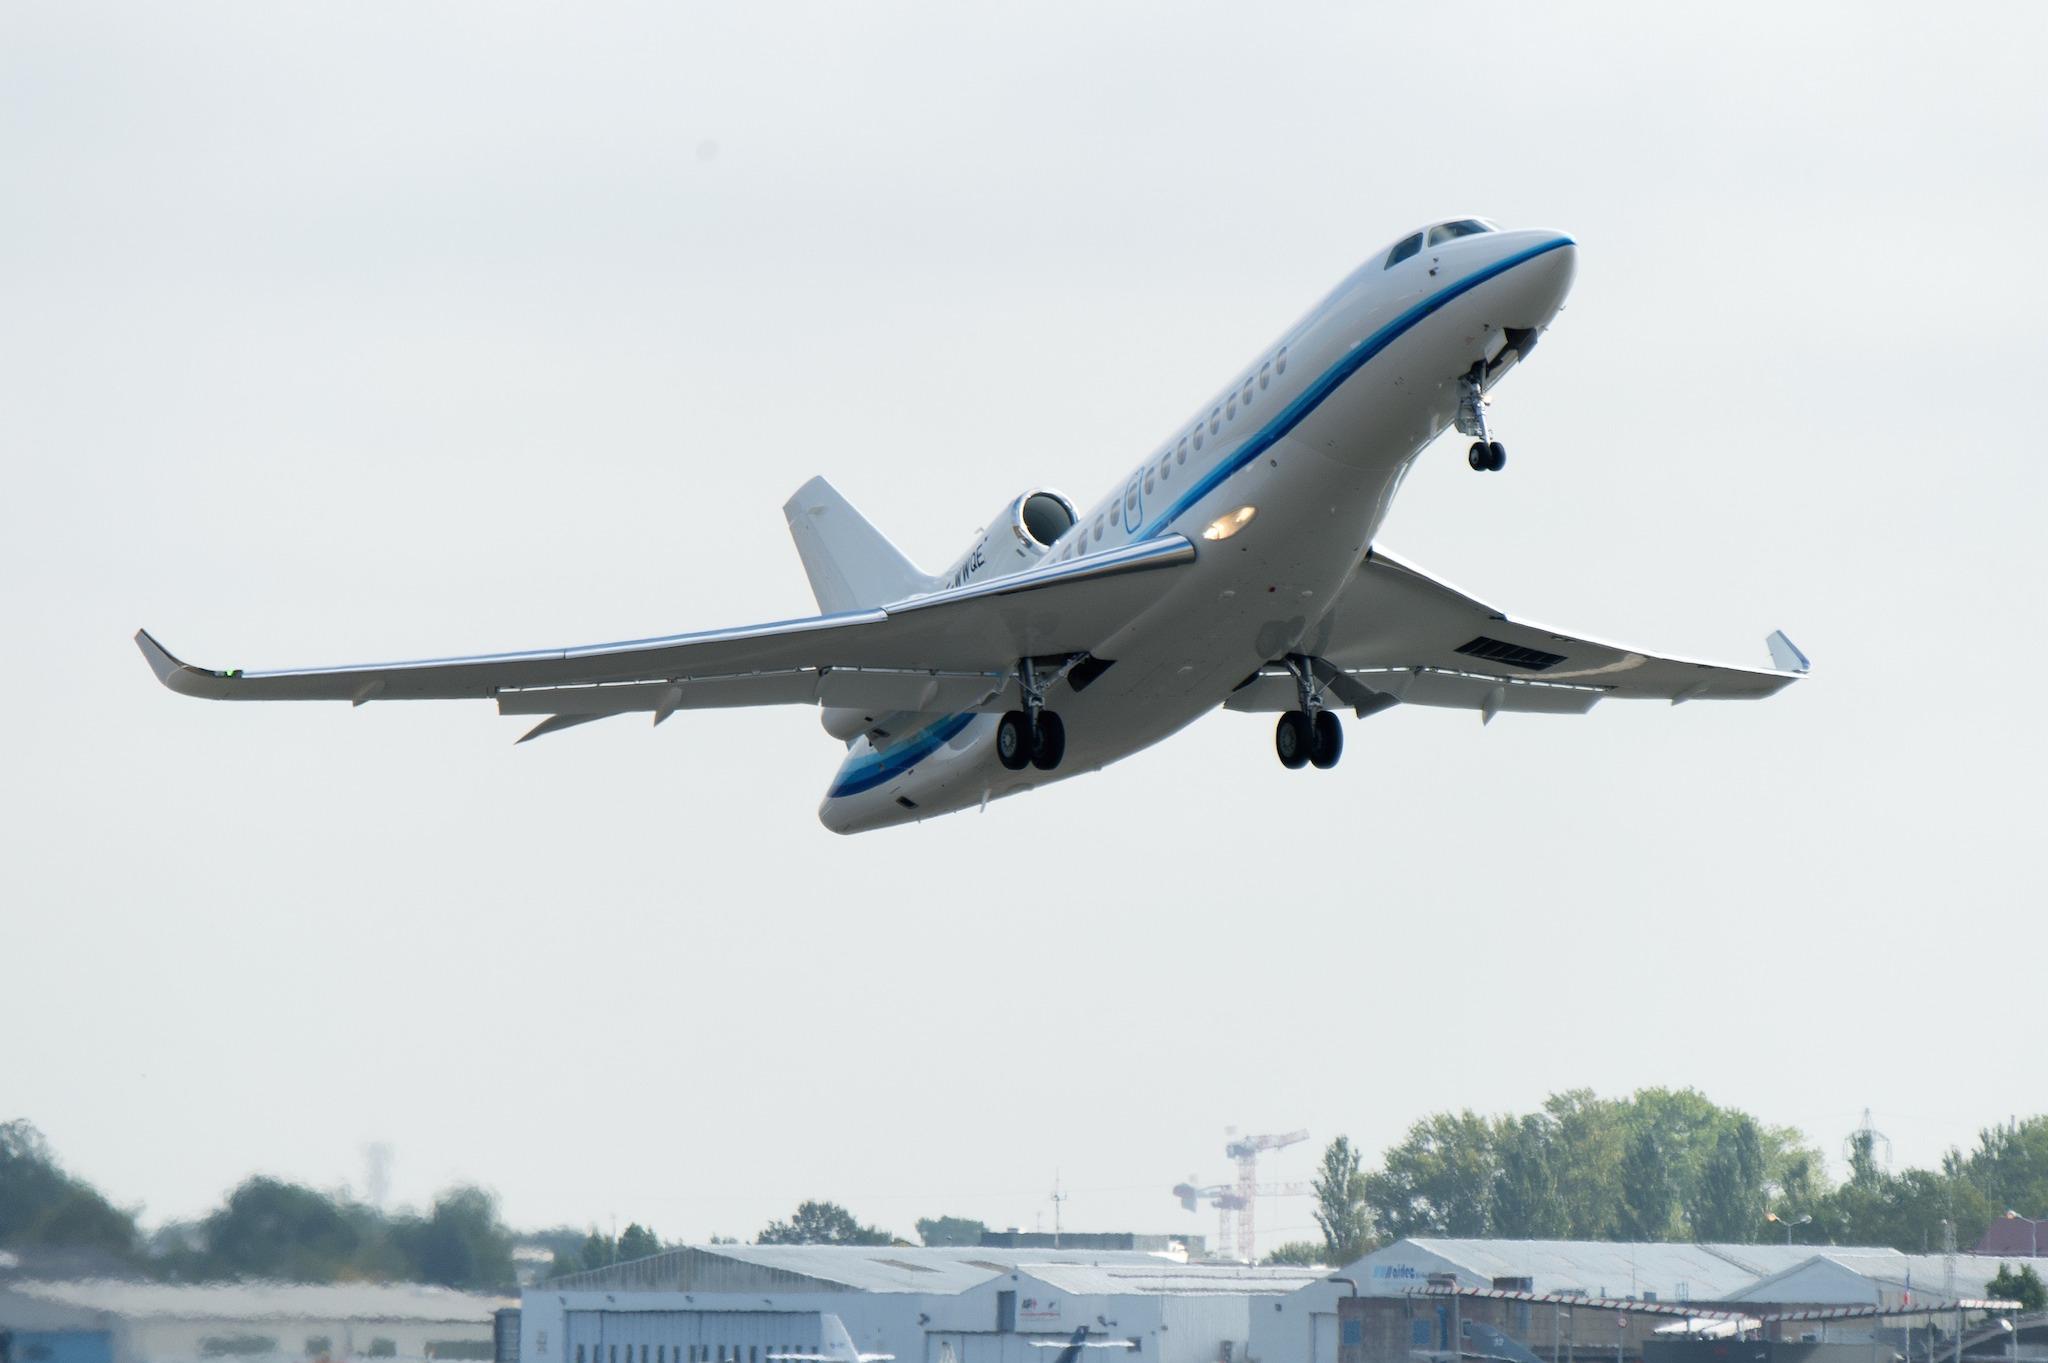 Établissement Dassault Aviation : Bordeaux-Mérignac. Livraison du 1er Falcon 8X à M. Abakar Manany, pilote et fondateur de la société Amjet Executive SA.